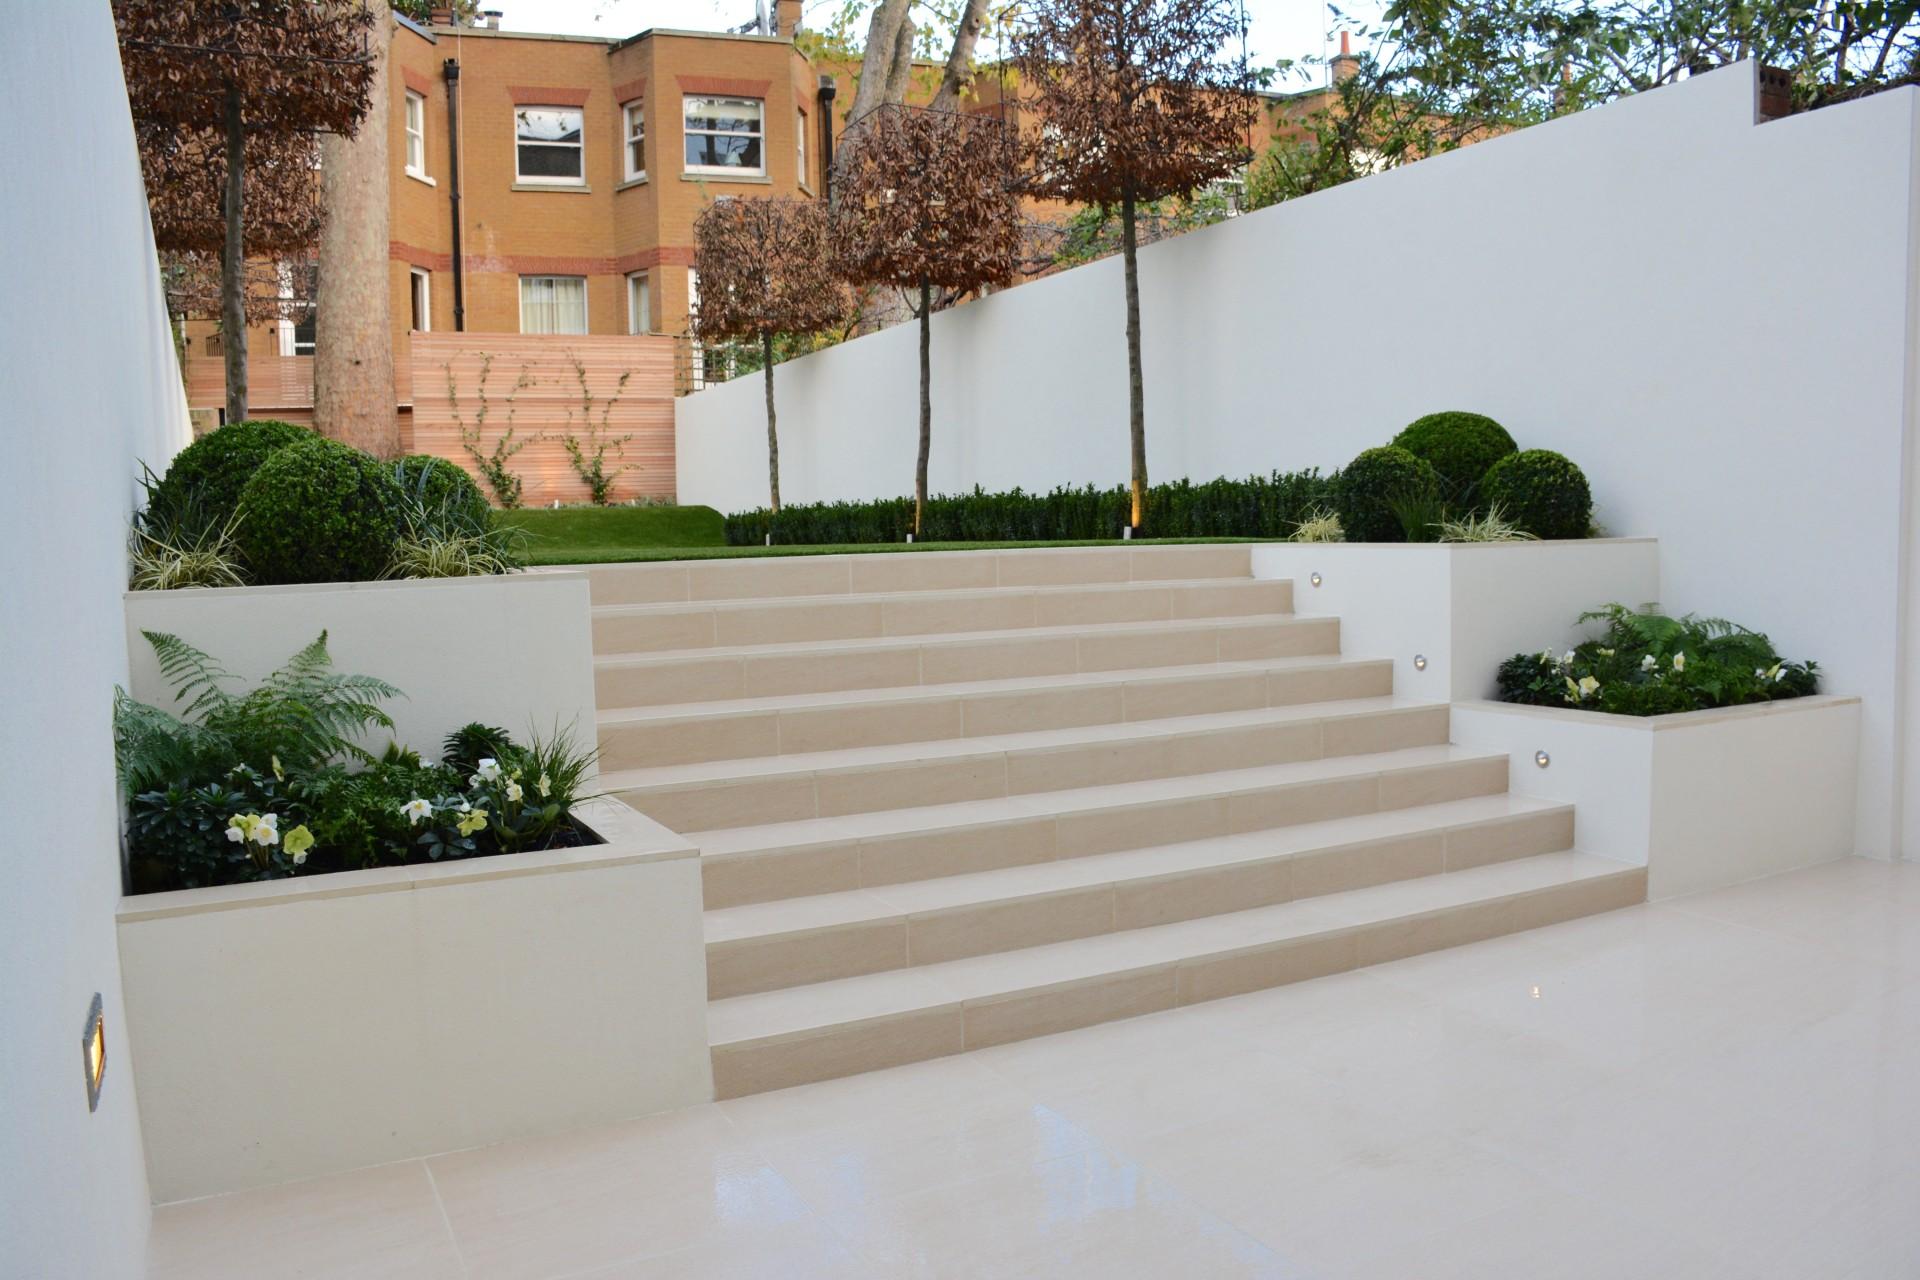 chelsea london tom howard gardens. Black Bedroom Furniture Sets. Home Design Ideas